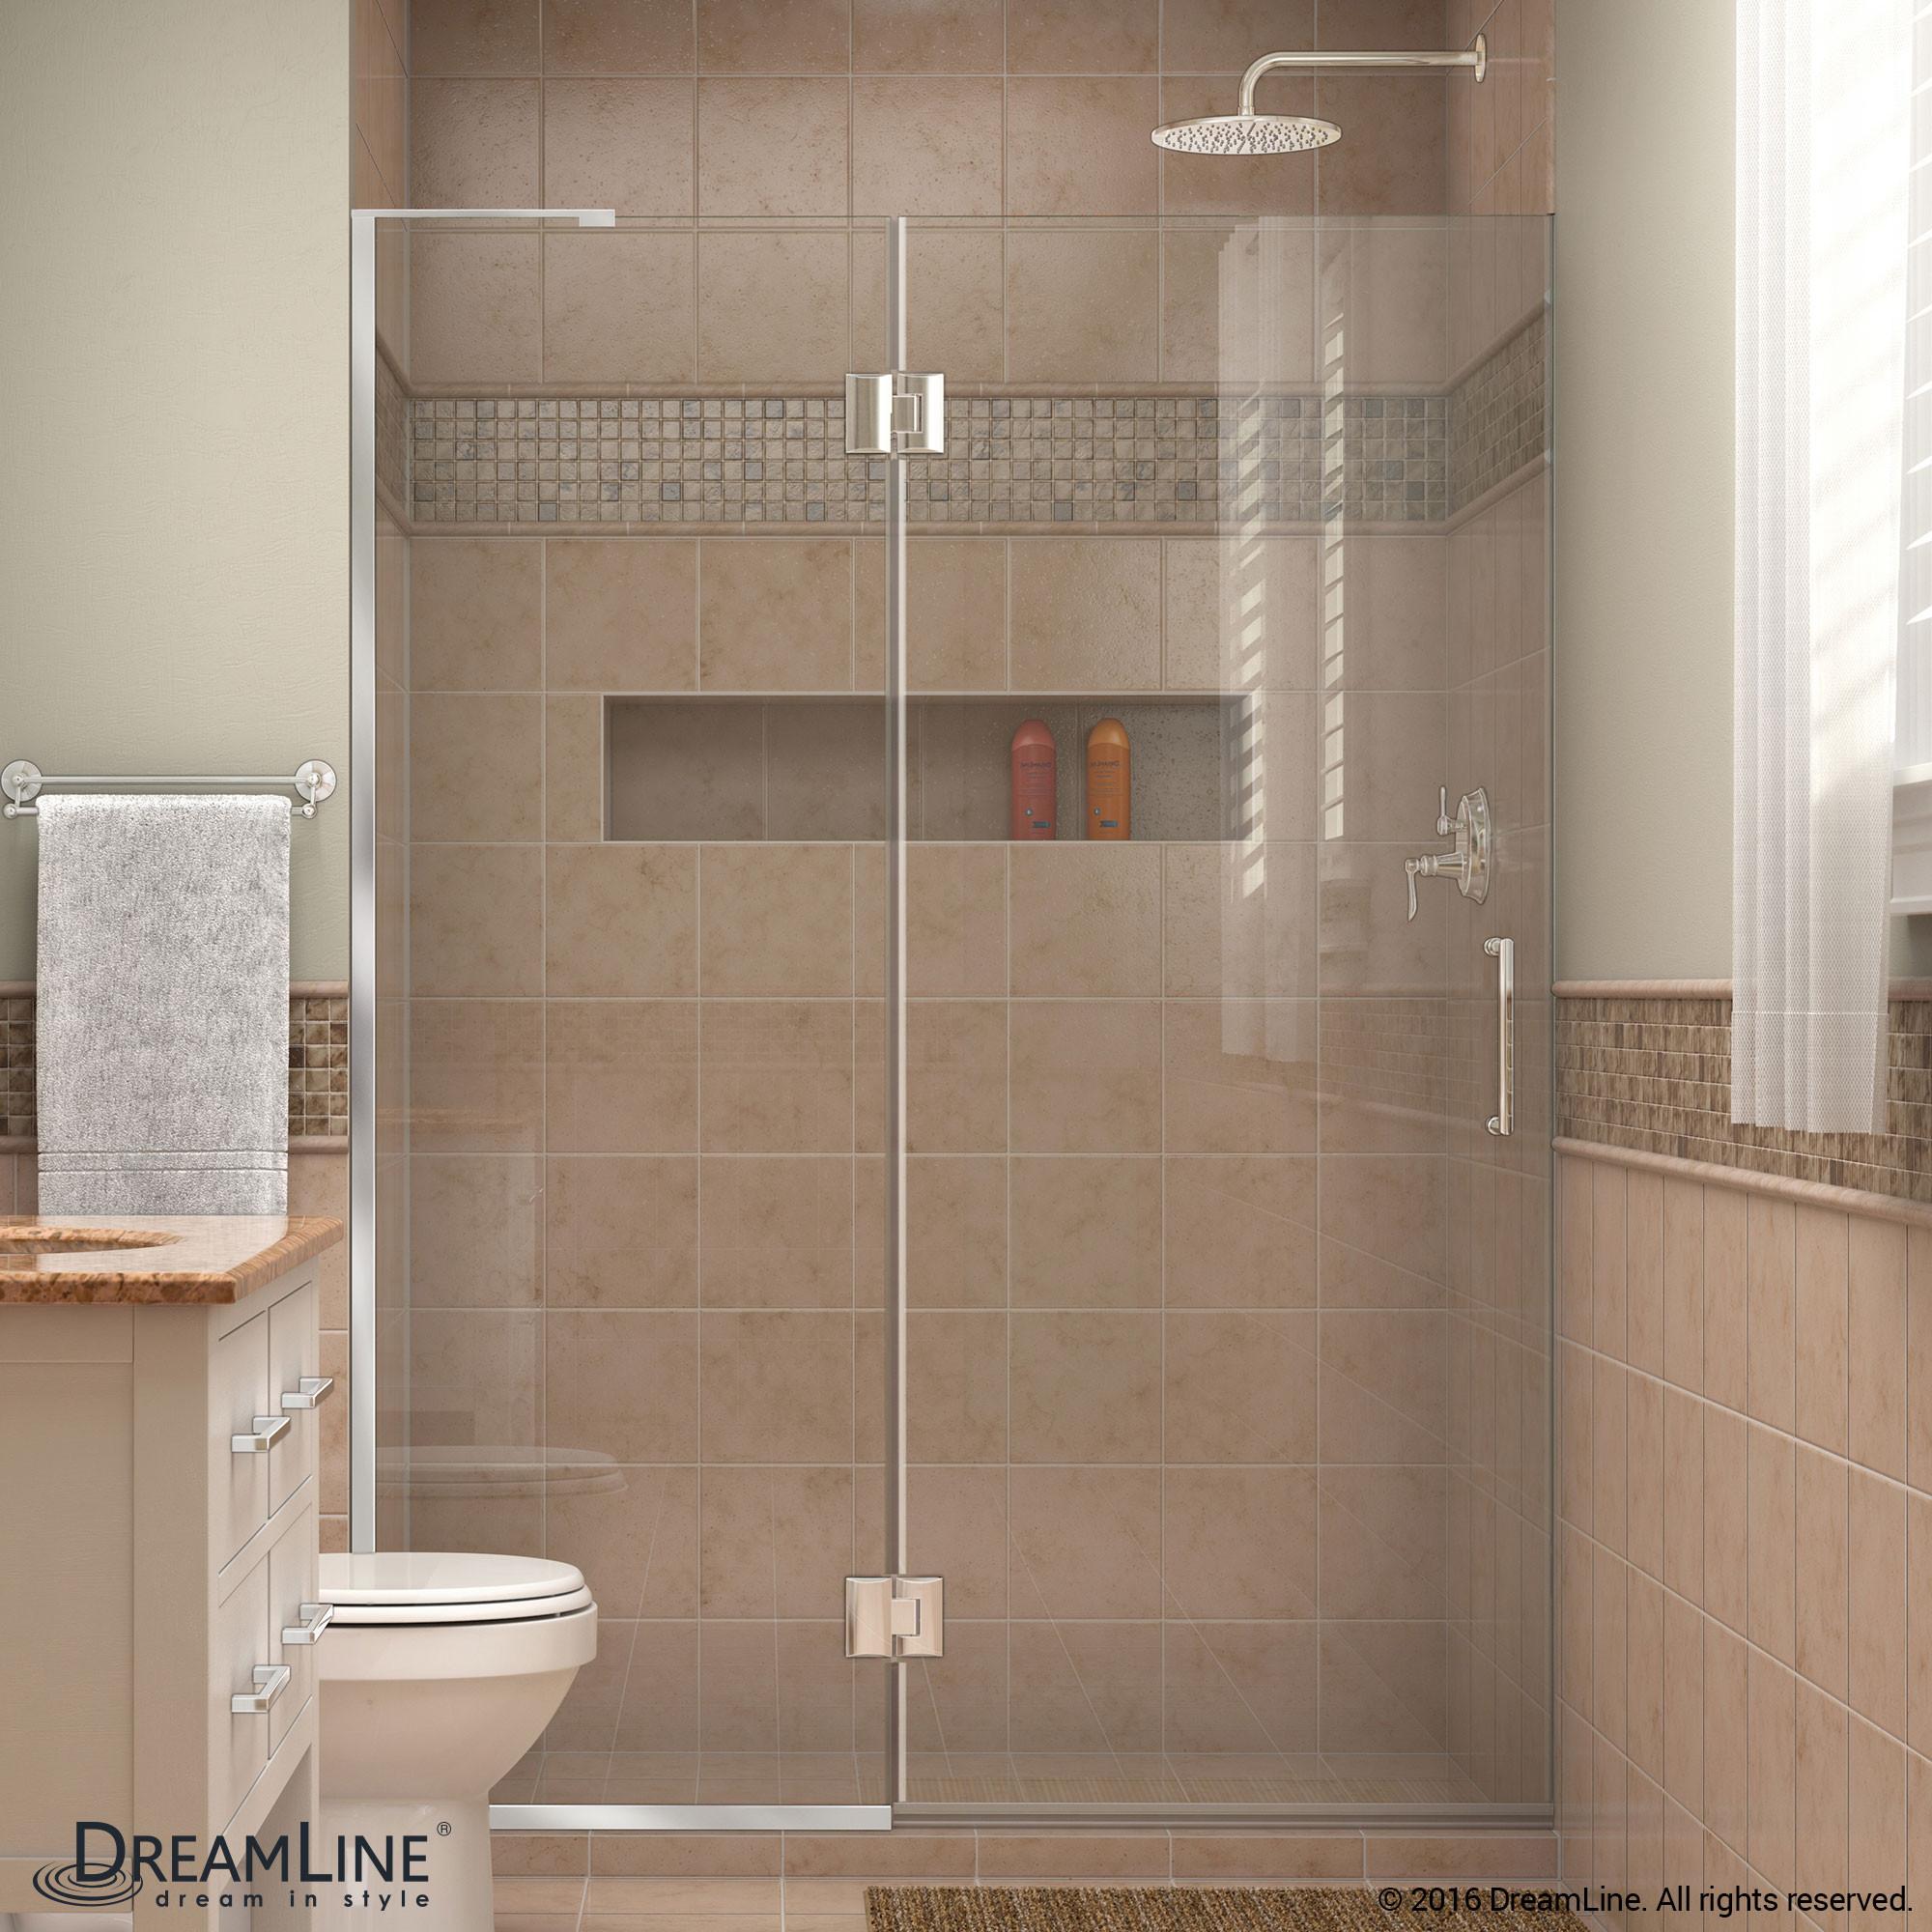 DreamLine D32872L-01 Unidoor-X Hinged Shower Door in Chrome With Left-wall Bracket